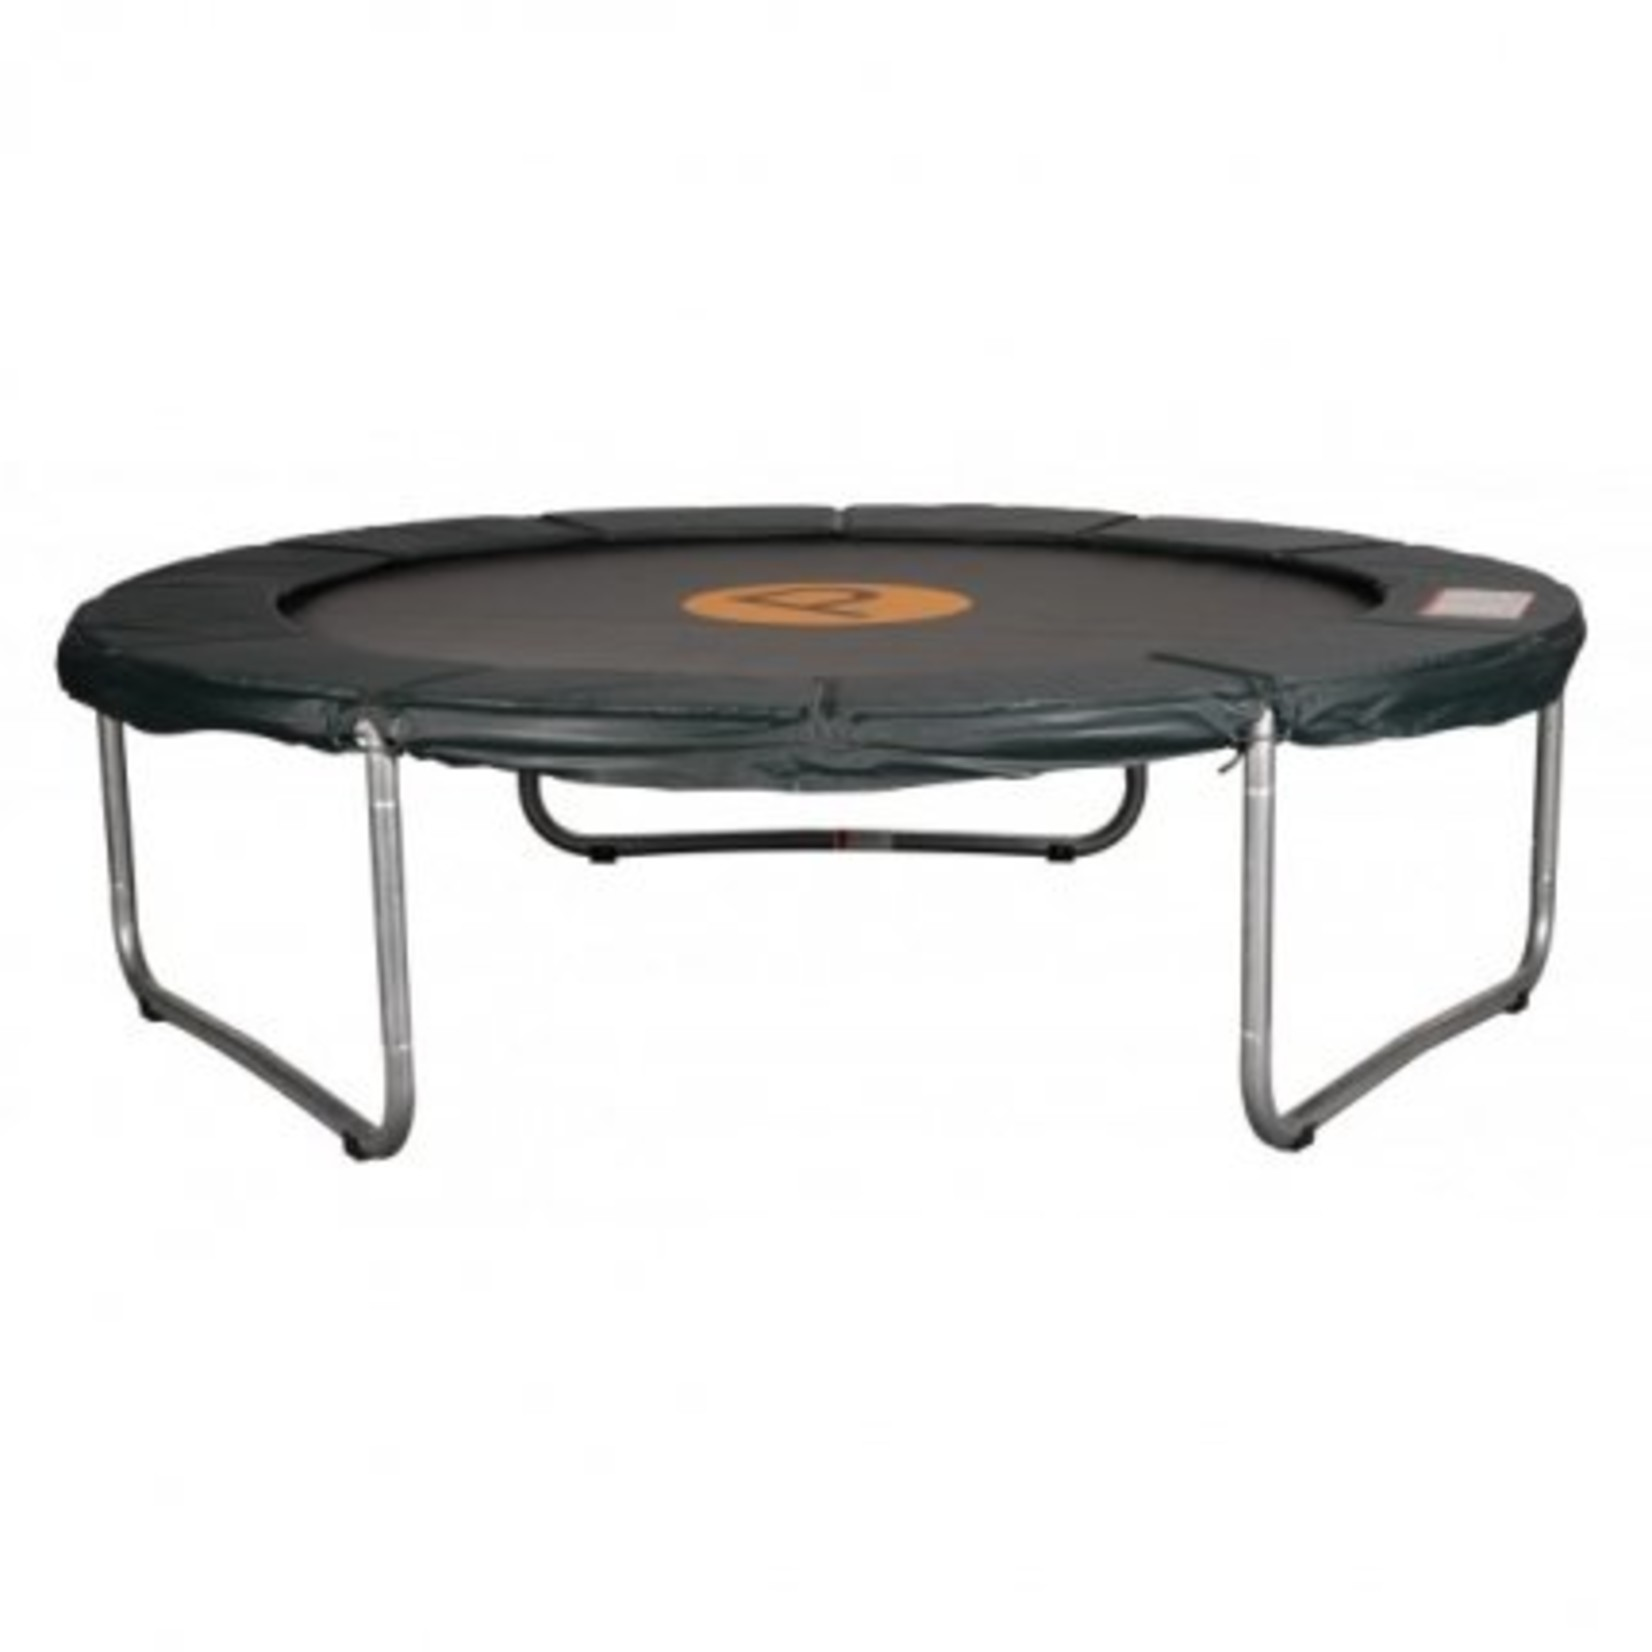 Avyna Een standaard trampoline met een zéér goede prijs/kwaliteit verhouding.Doorsnee 245cm en 60cm hoog.